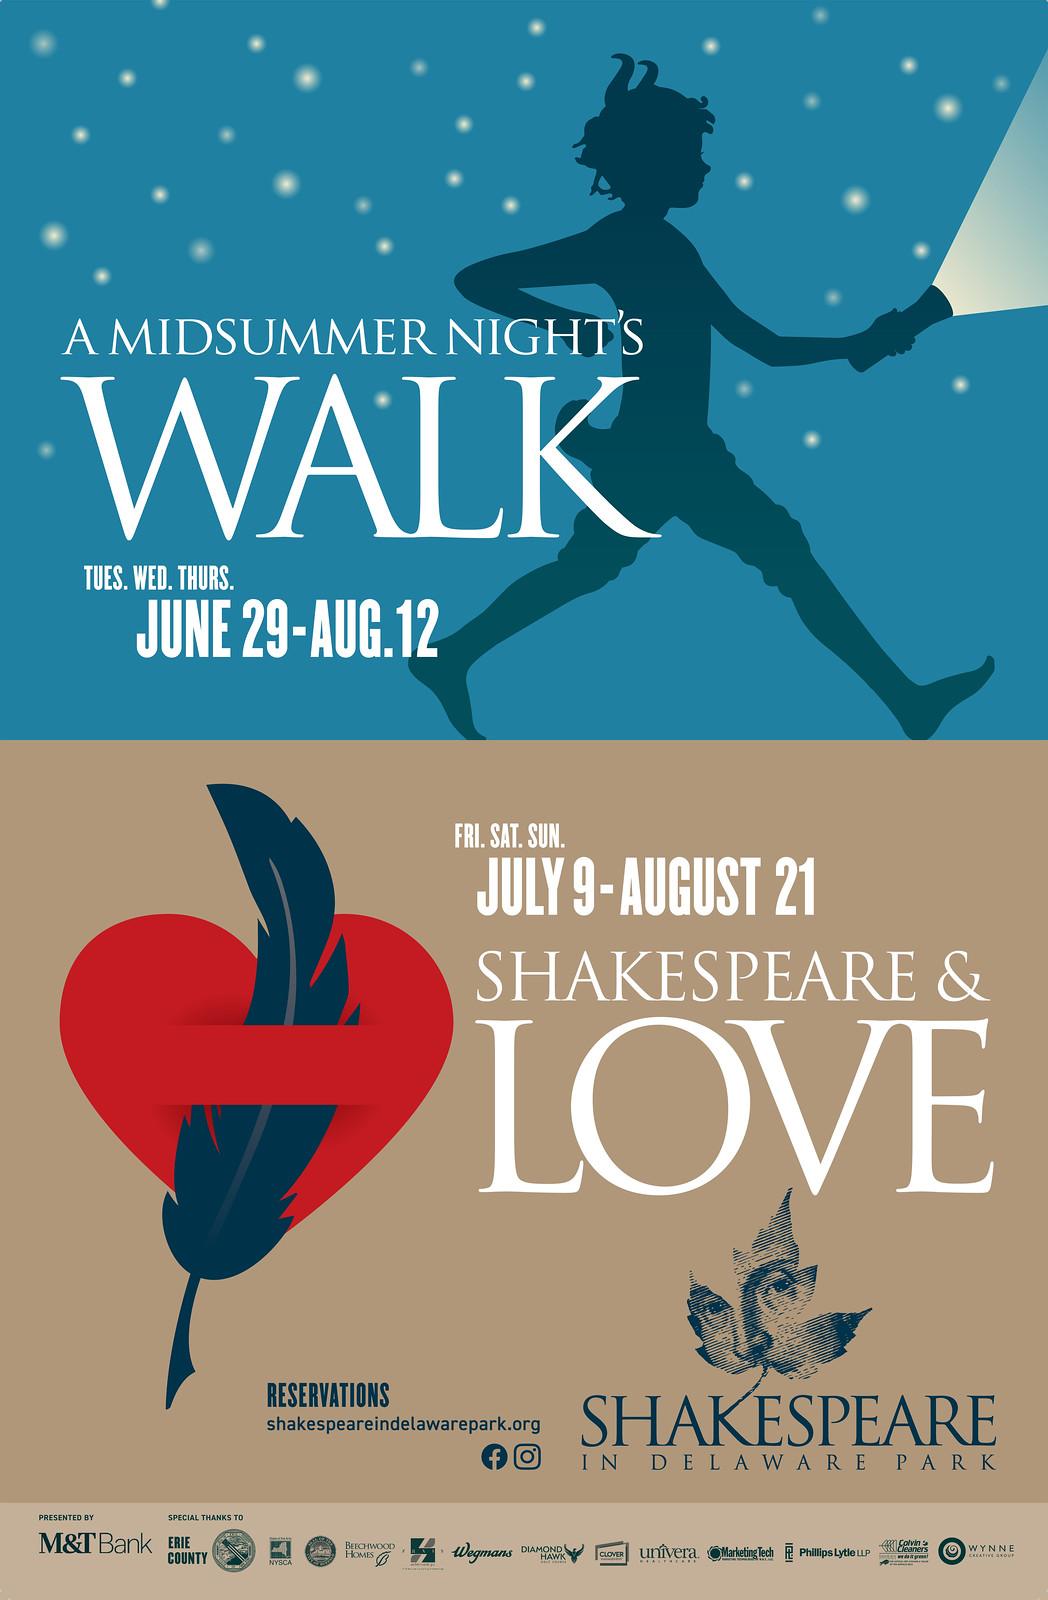 Shakespeare in delaware park's